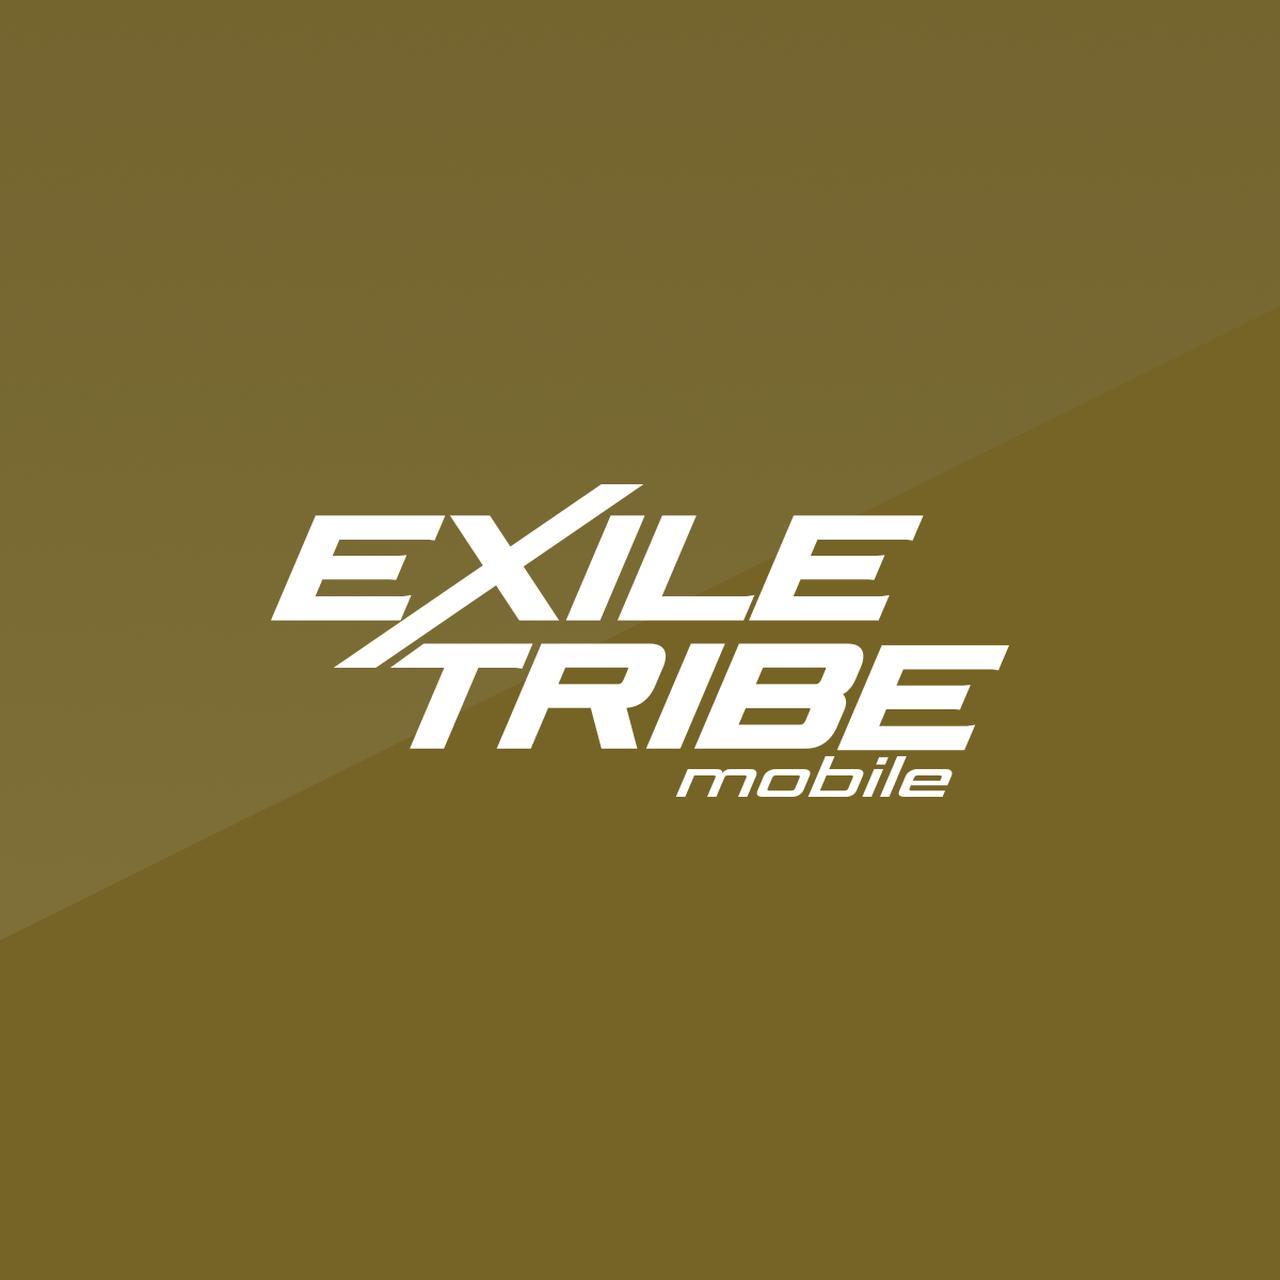 画像: GENERATIONS from EXILE TRIBE | EXILE TRIBE mobile